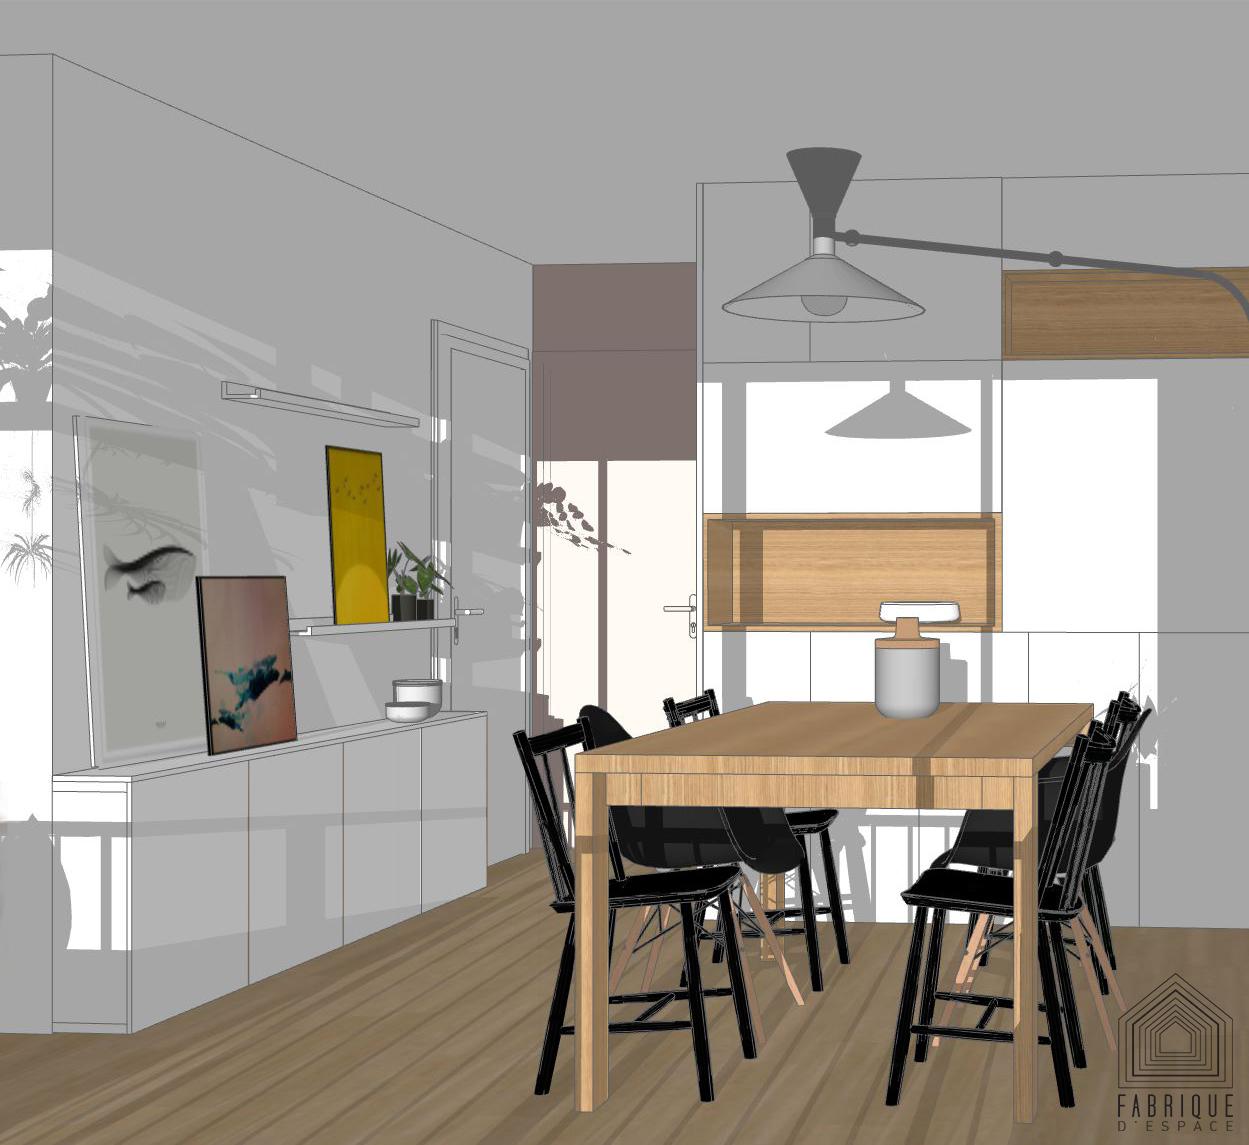 Architecte Interieur Bordeaux fabrique d'espace - architecte d'intérieur, architecte d